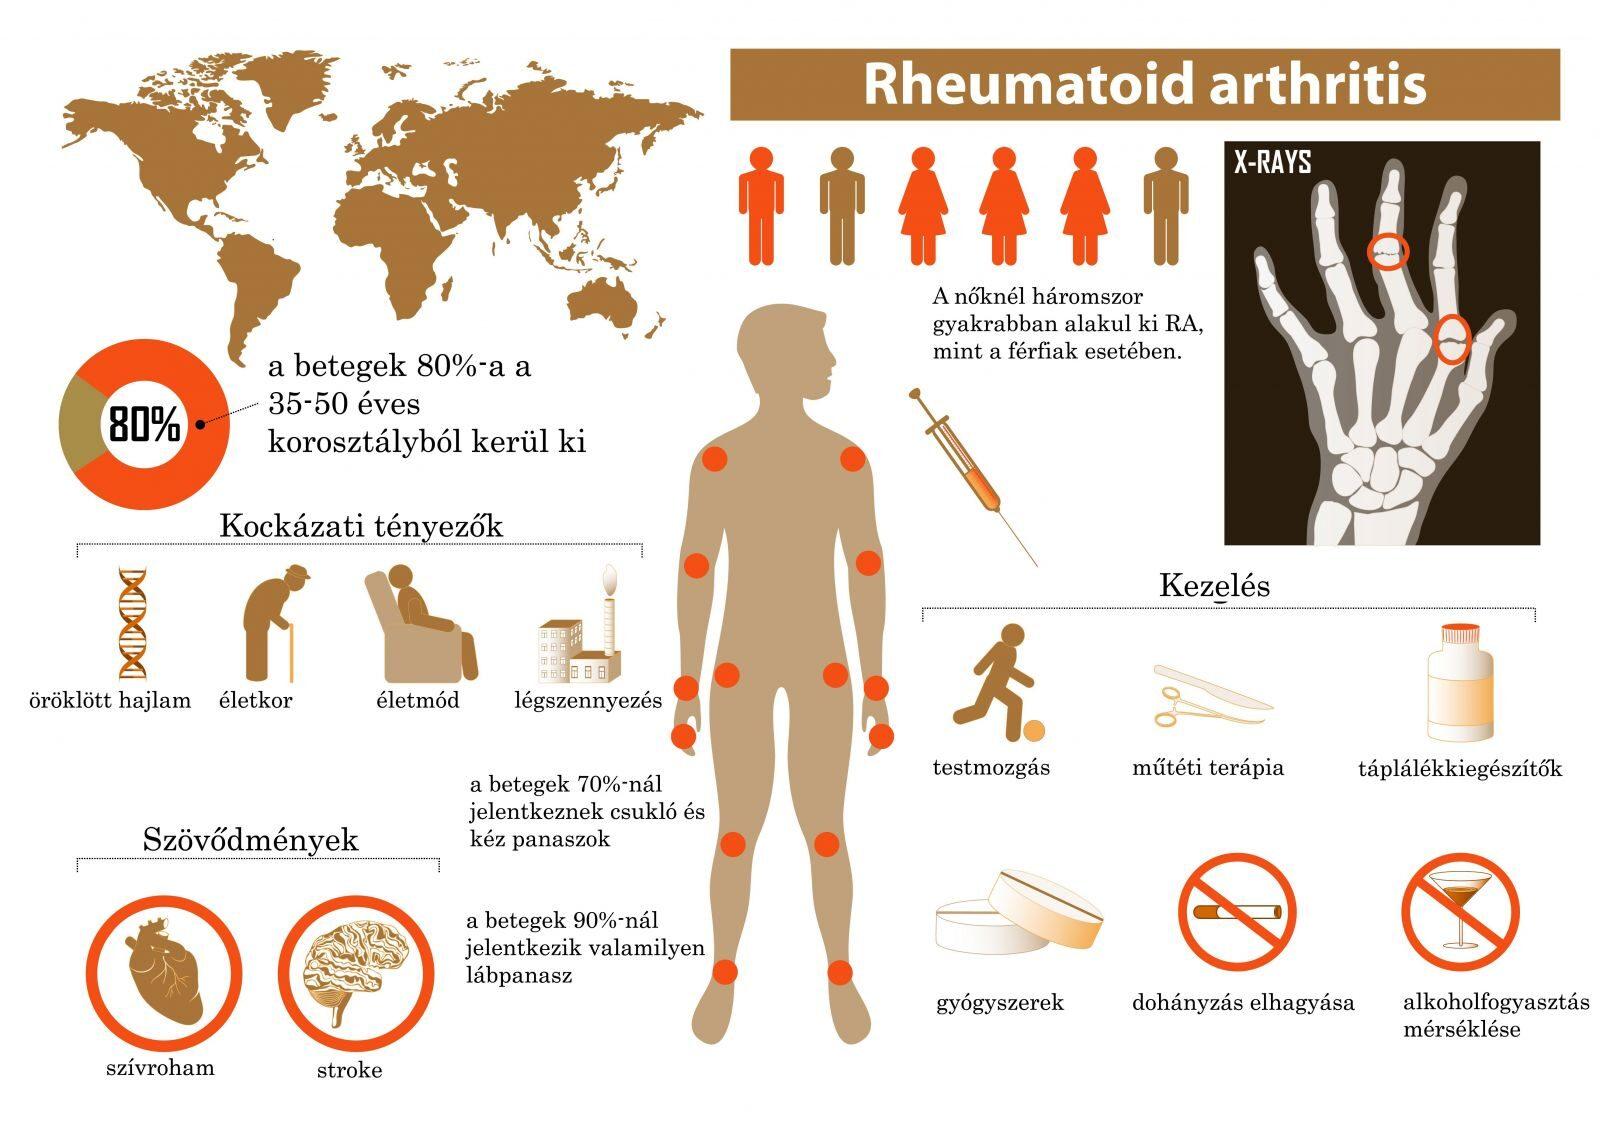 térdfájdalomcsillapító gyógyszerek áttekintése kéz artrózis kezelésére szolgáló gyógyszer